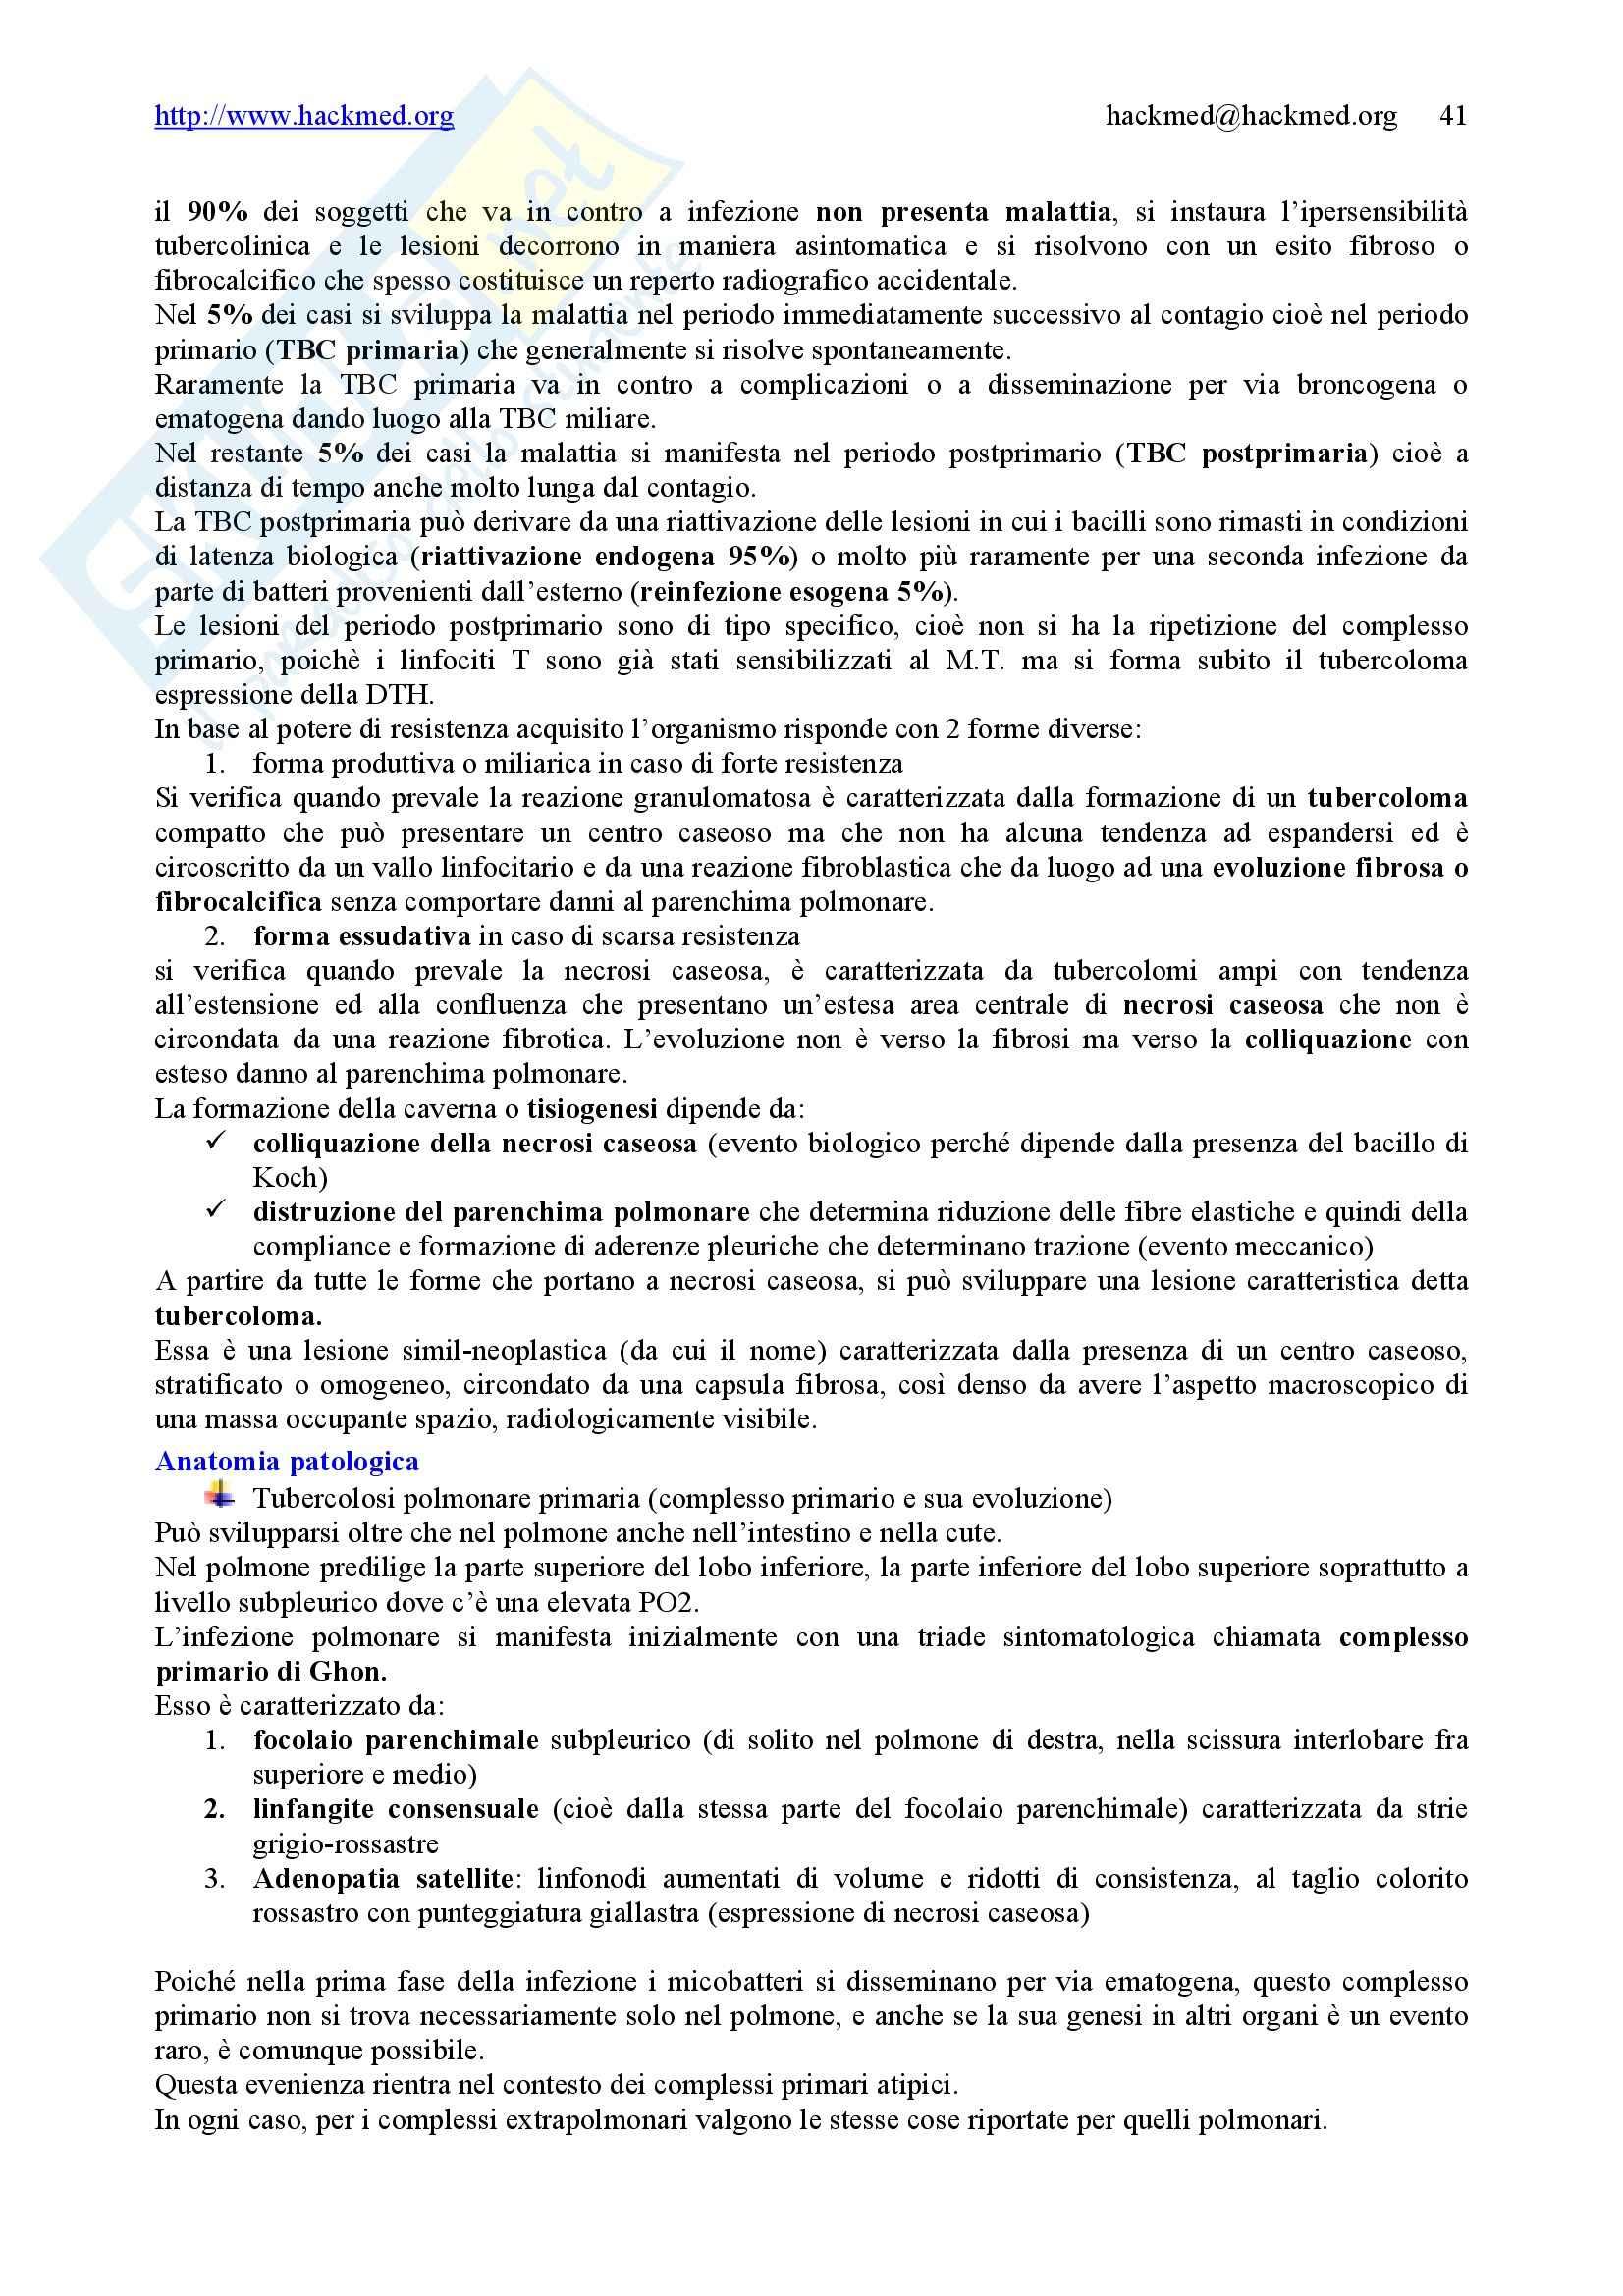 Malattie infettive – Manuale completo Pag. 41